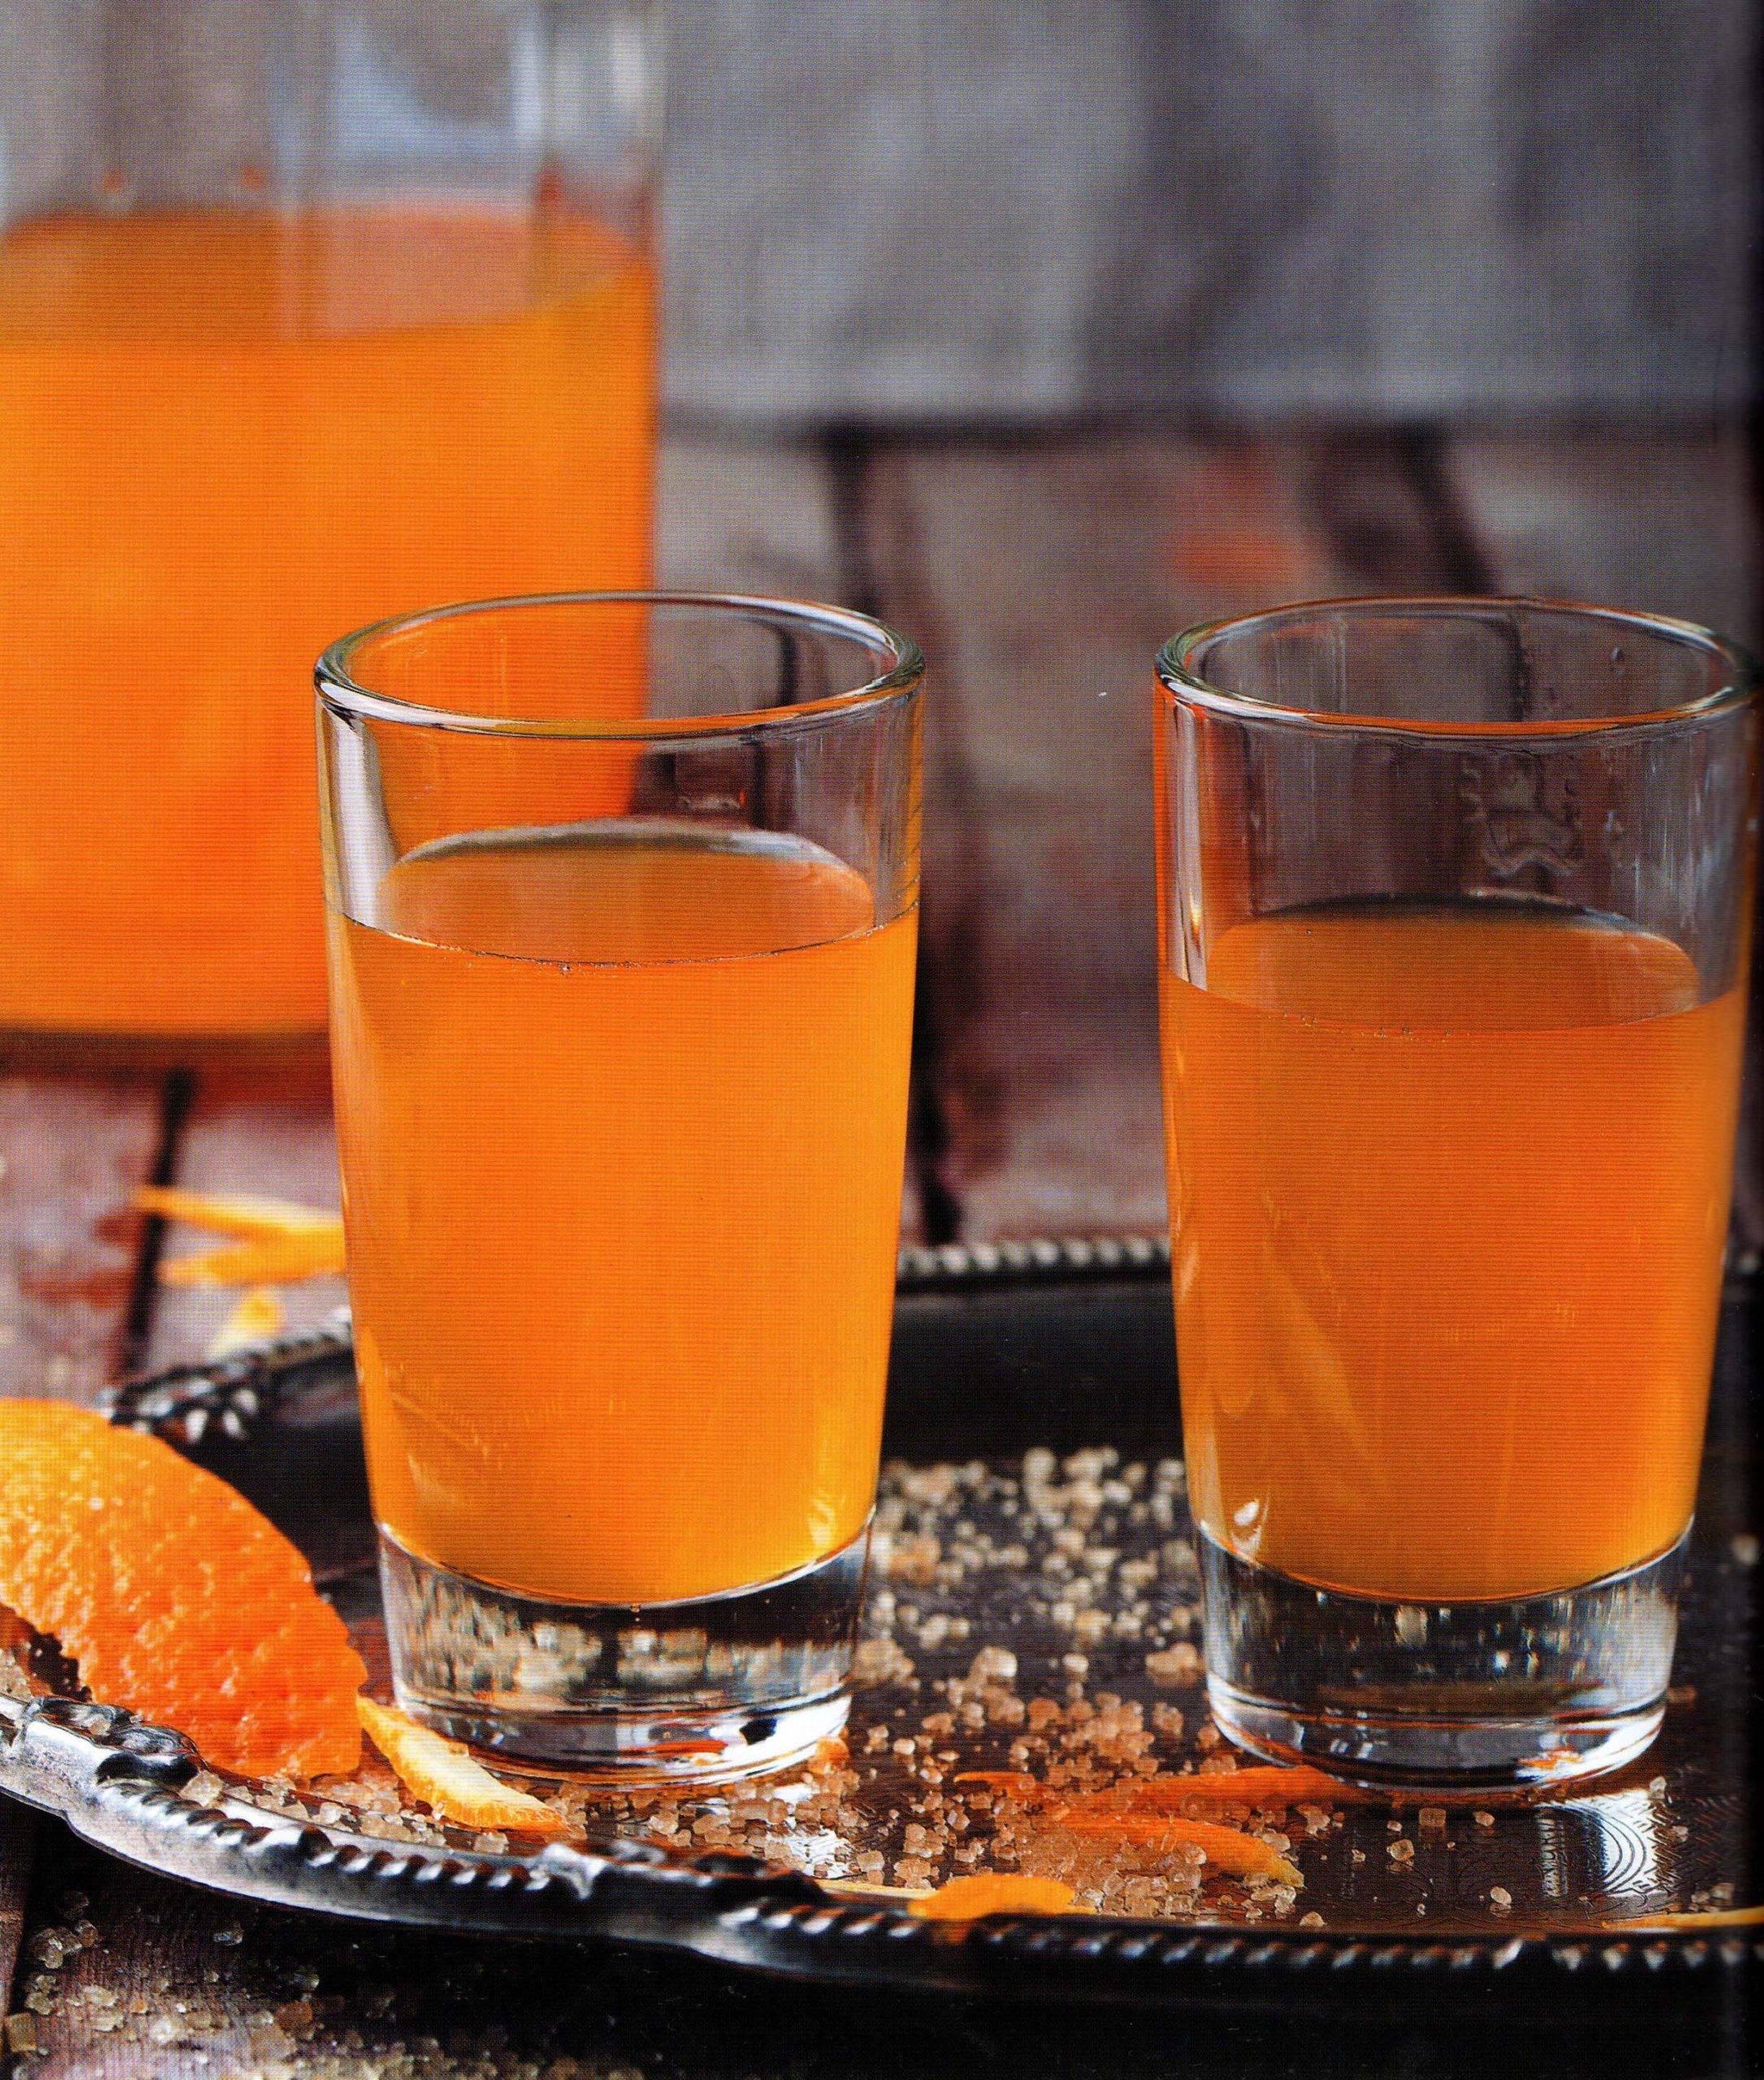 Апельсиновый ликер в домашних условиях: расскажем, как приготовитькуантро своими руками, используя классический, упрощенный и оригинальный рецепты | mosspravki.ru